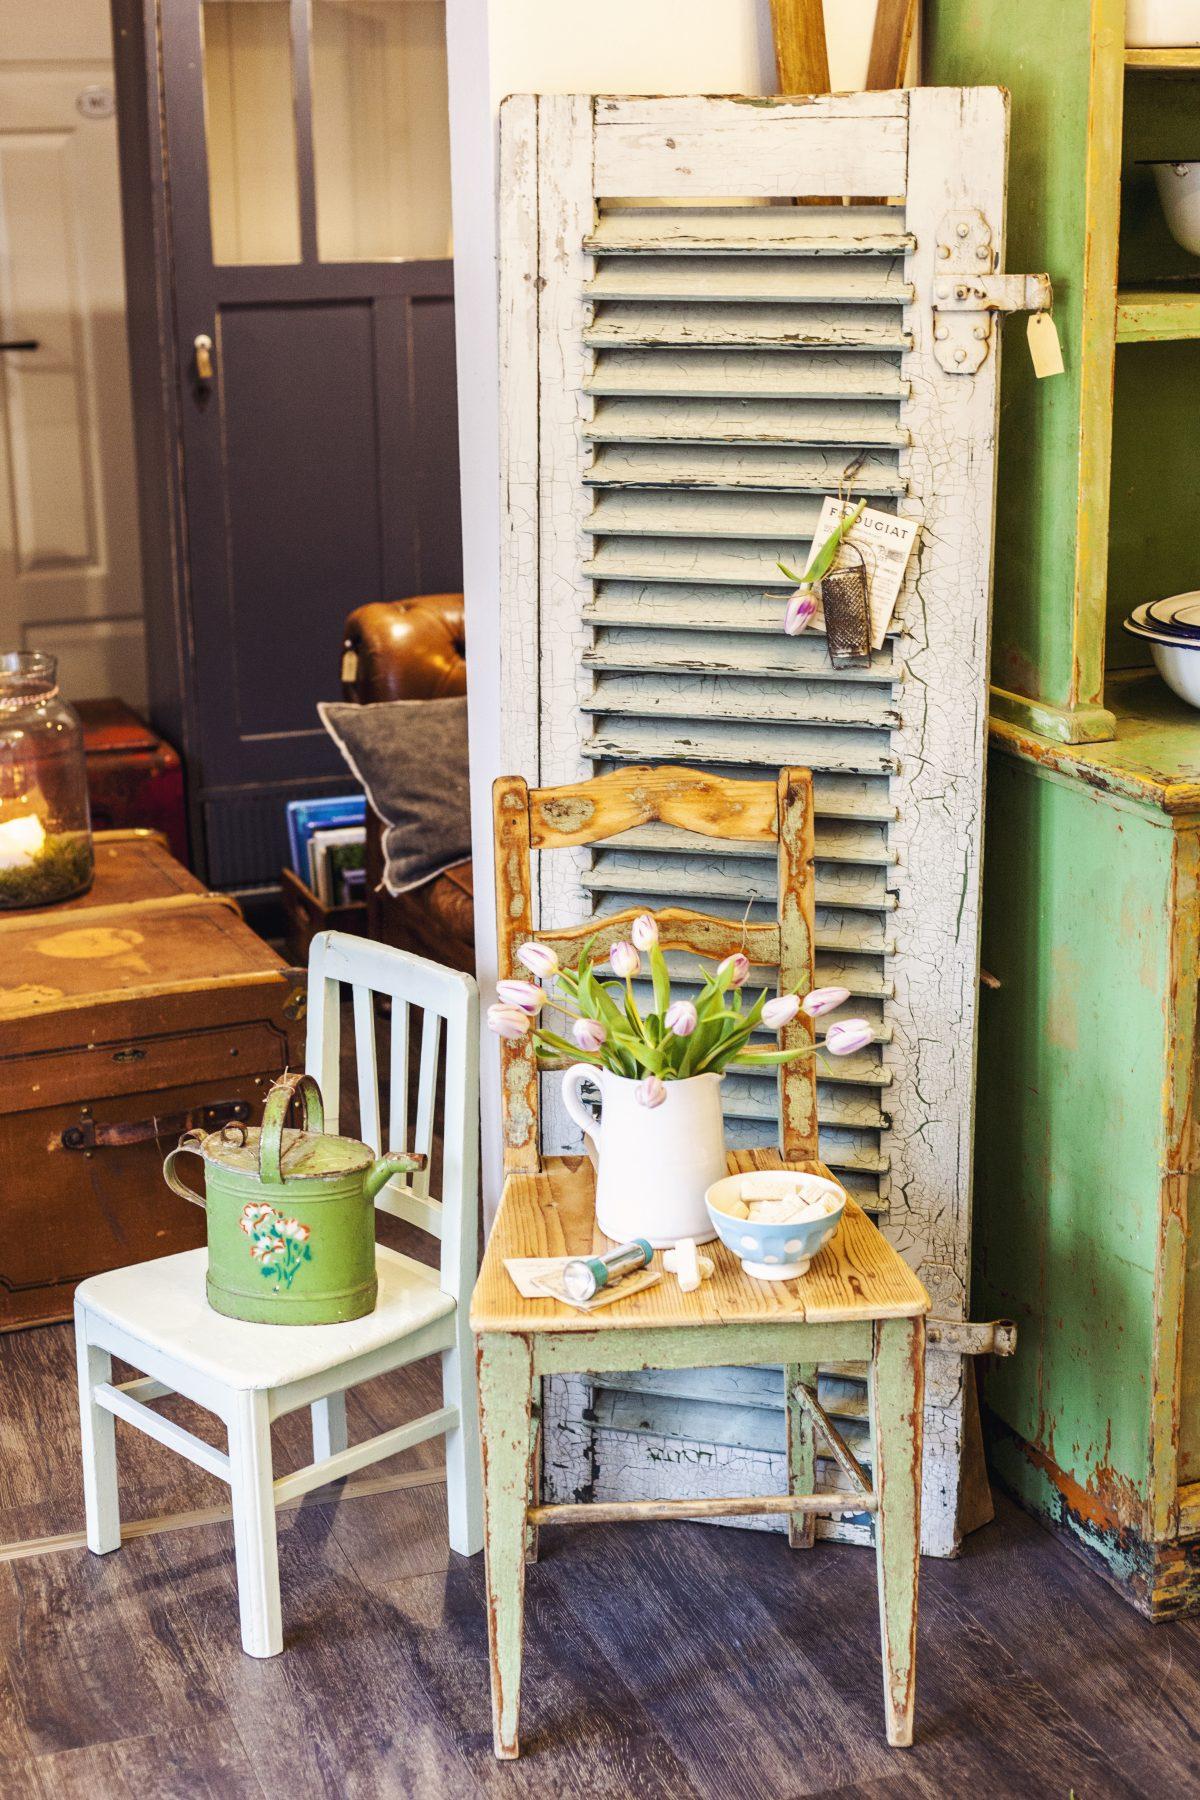 rathjens depot finde dein m belherzst ck f rde fr ulein. Black Bedroom Furniture Sets. Home Design Ideas